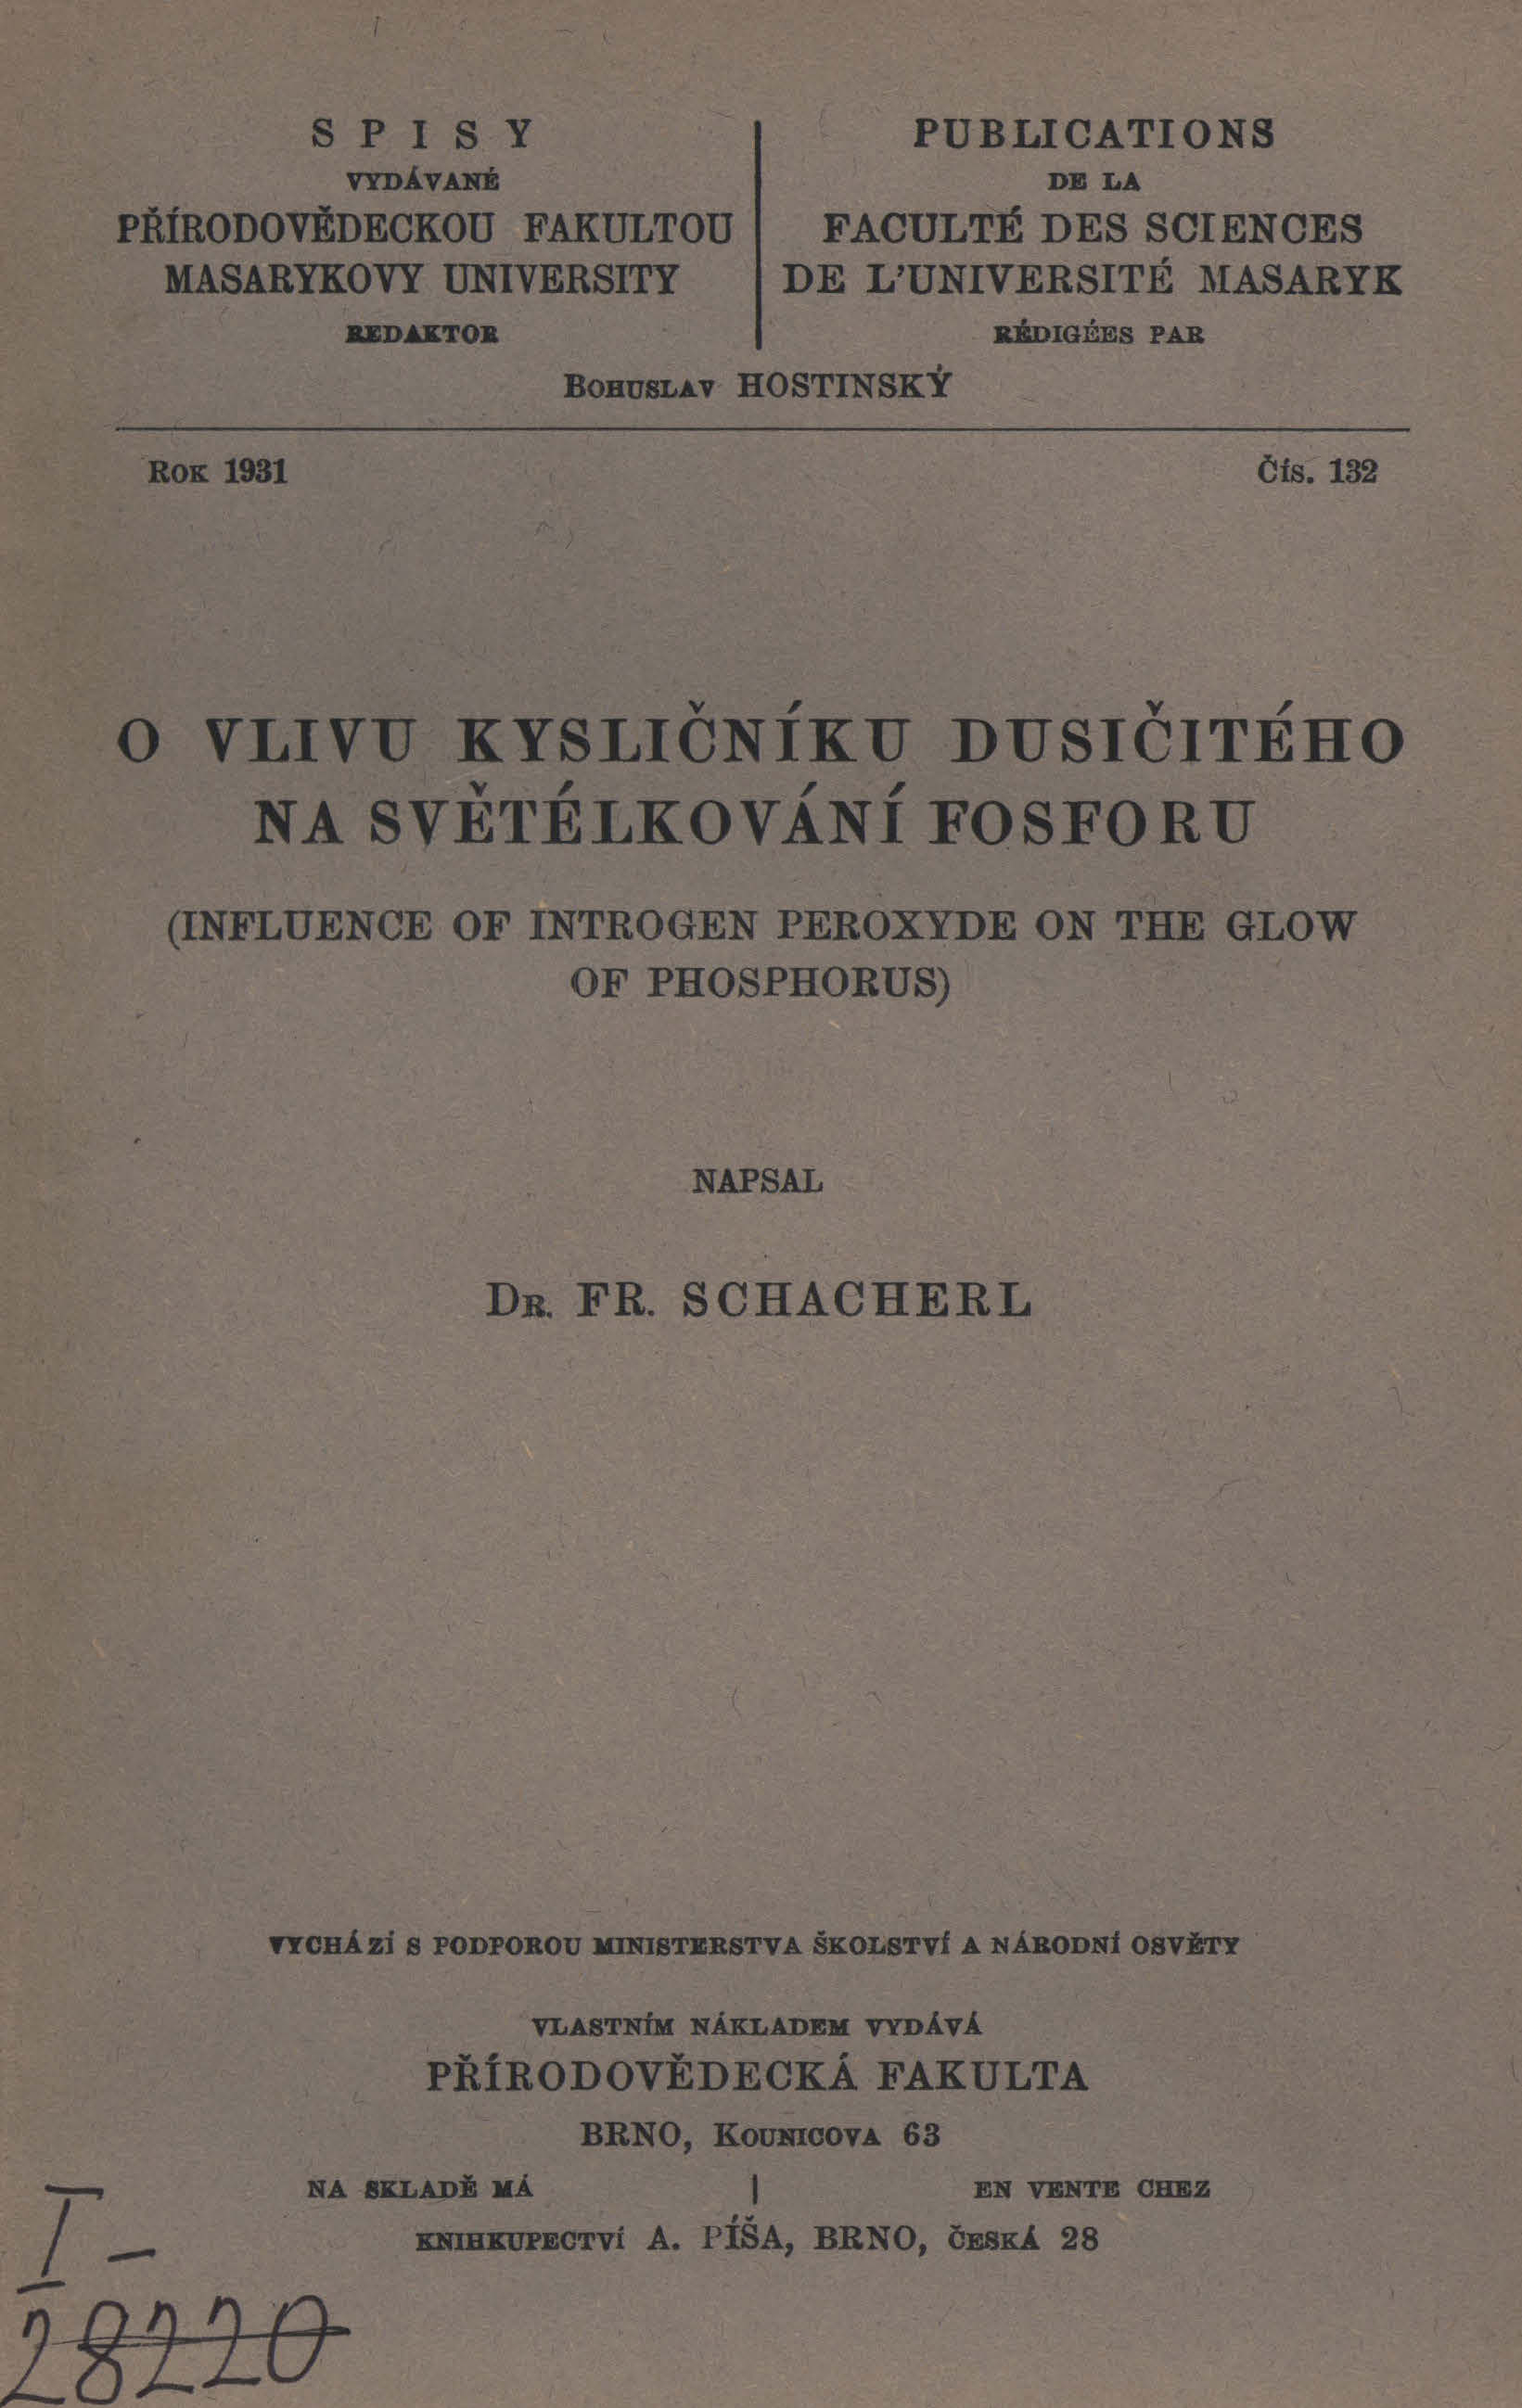 Obálka pro O vlivu kysličníku dusičitého na světélkování fosforu